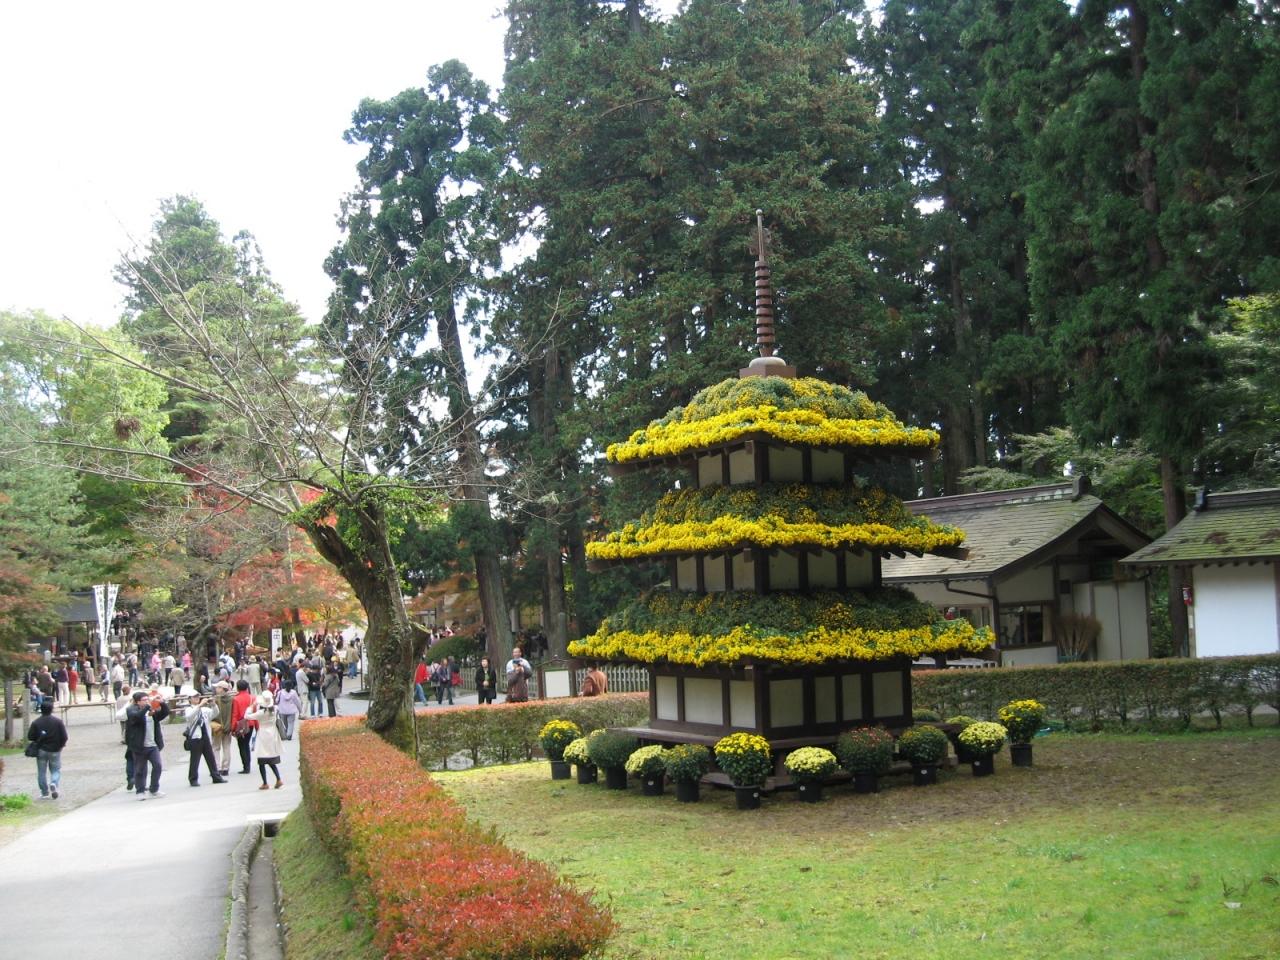 中尊寺の画像 p1_25